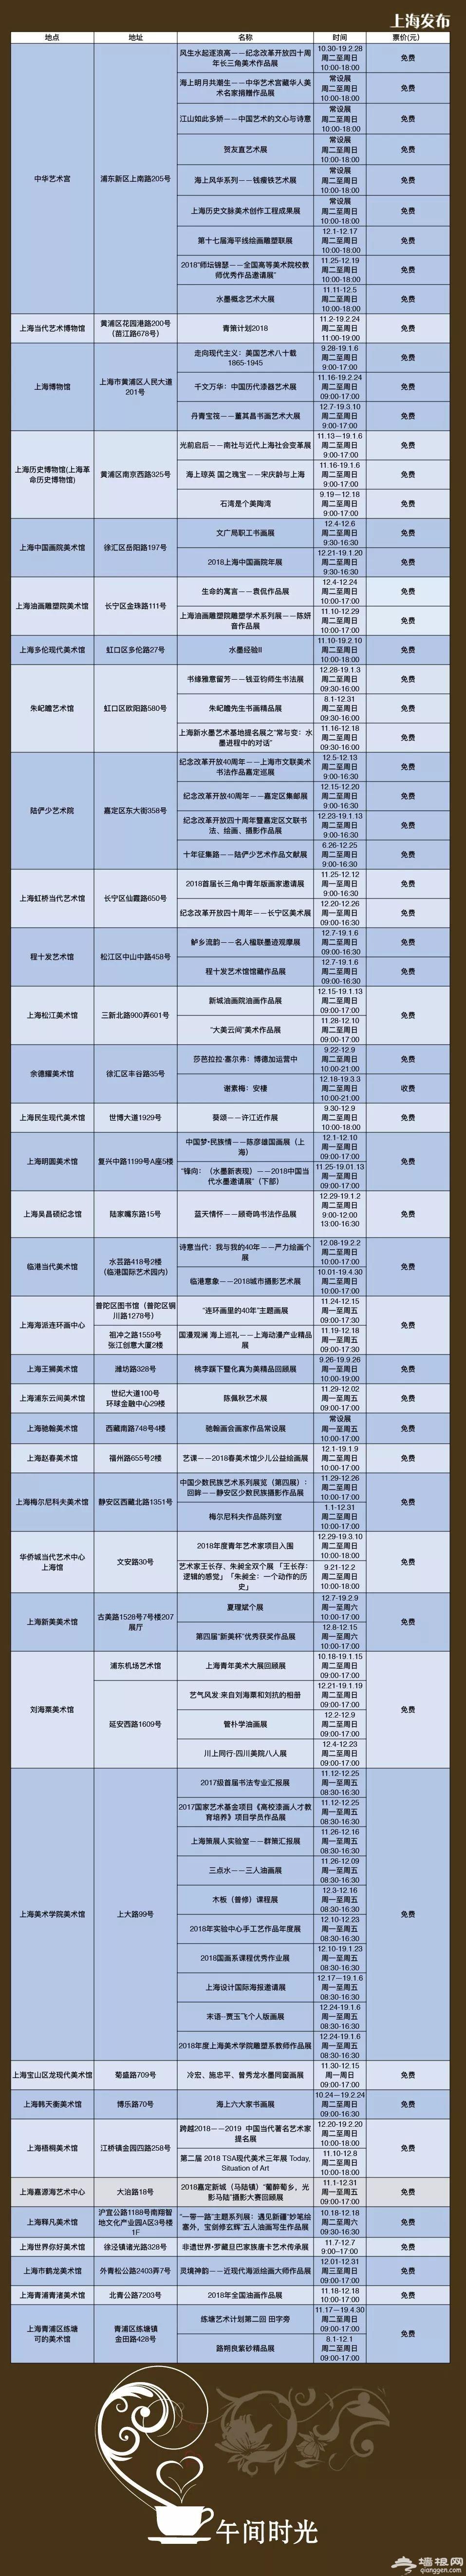 盘点2018年12月上海79个免费展览+部分收费展览[墙根网]